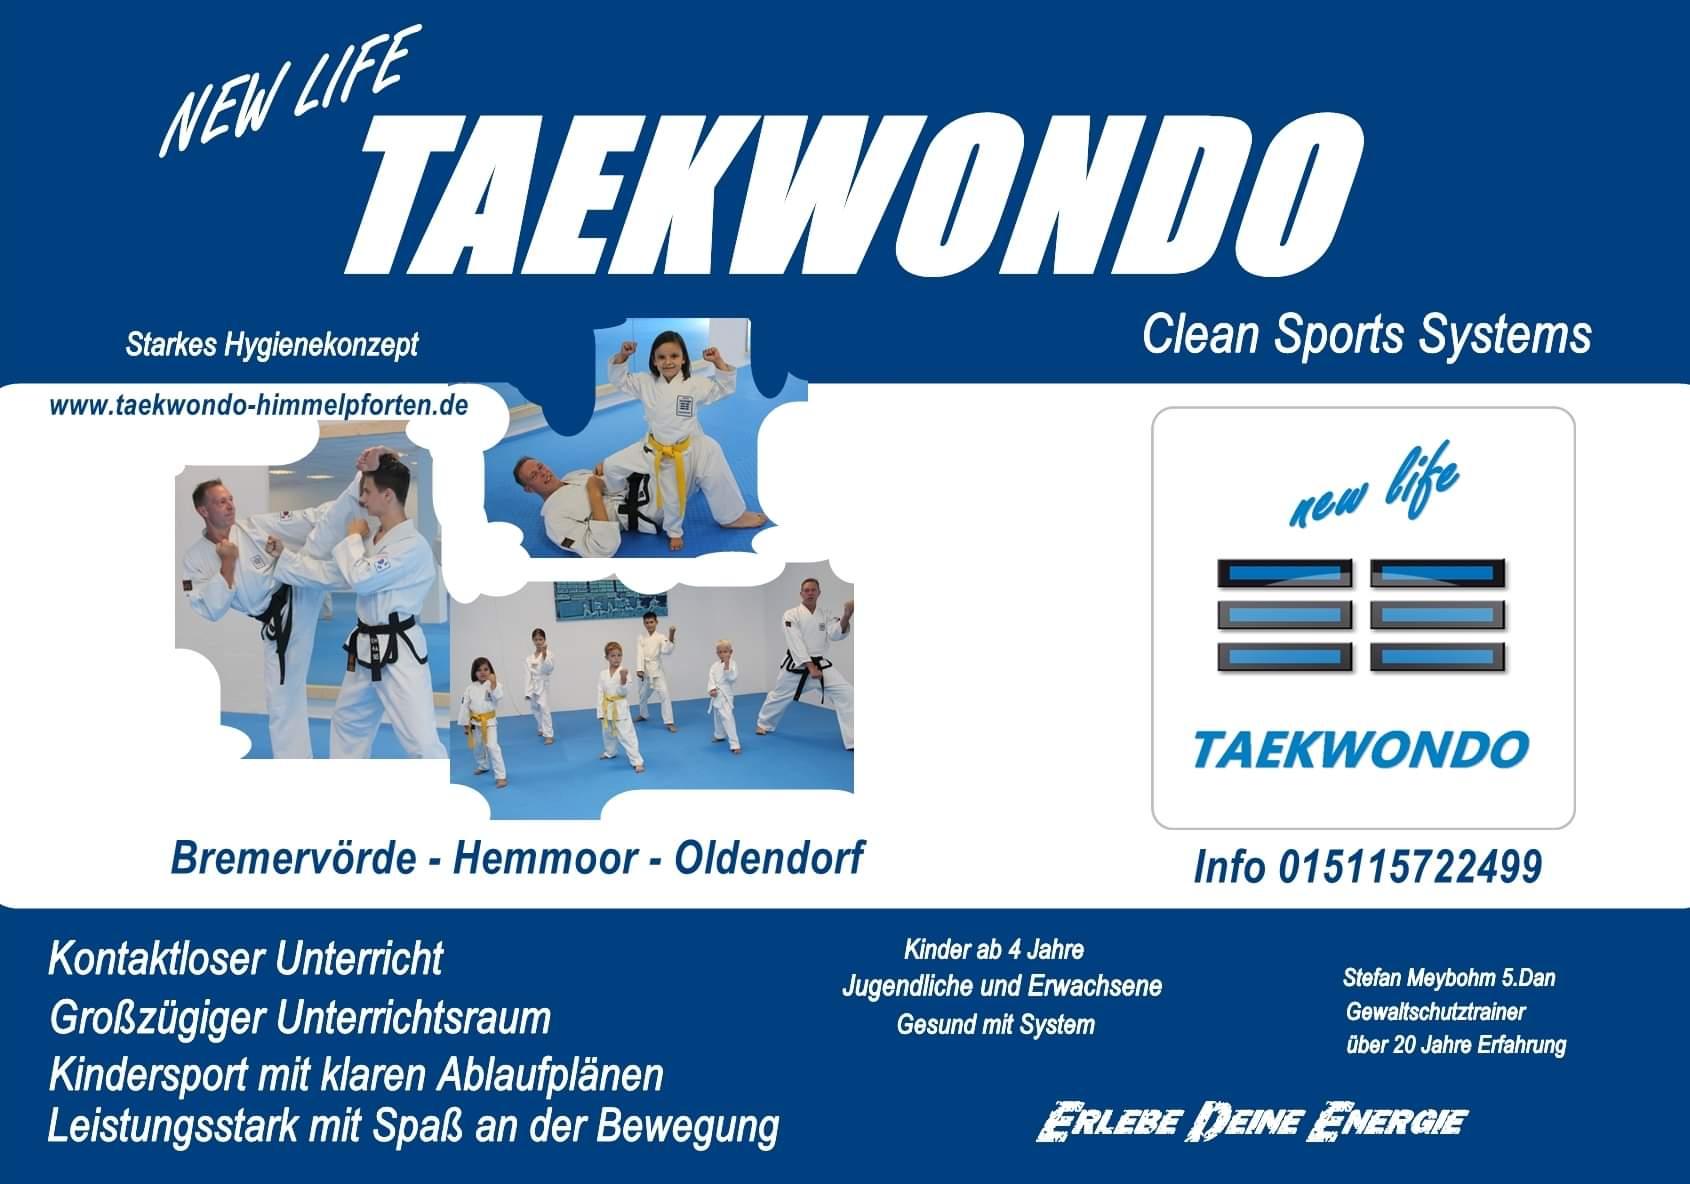 (c) Taekwondo-himmelpforten.de